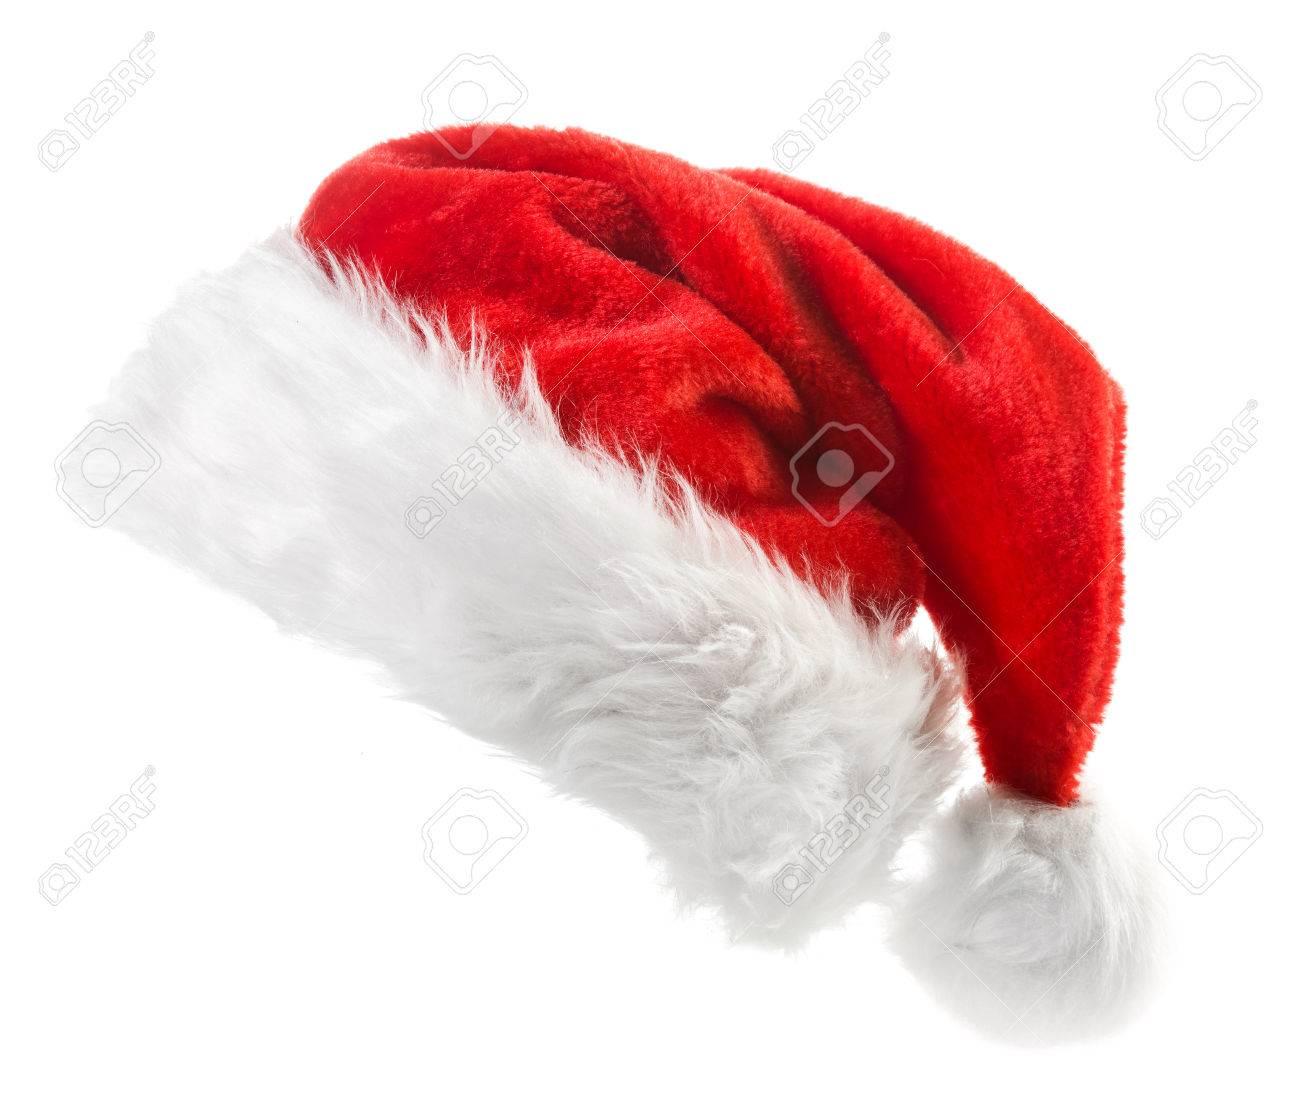 Santa hat isolated on white background - 47476498